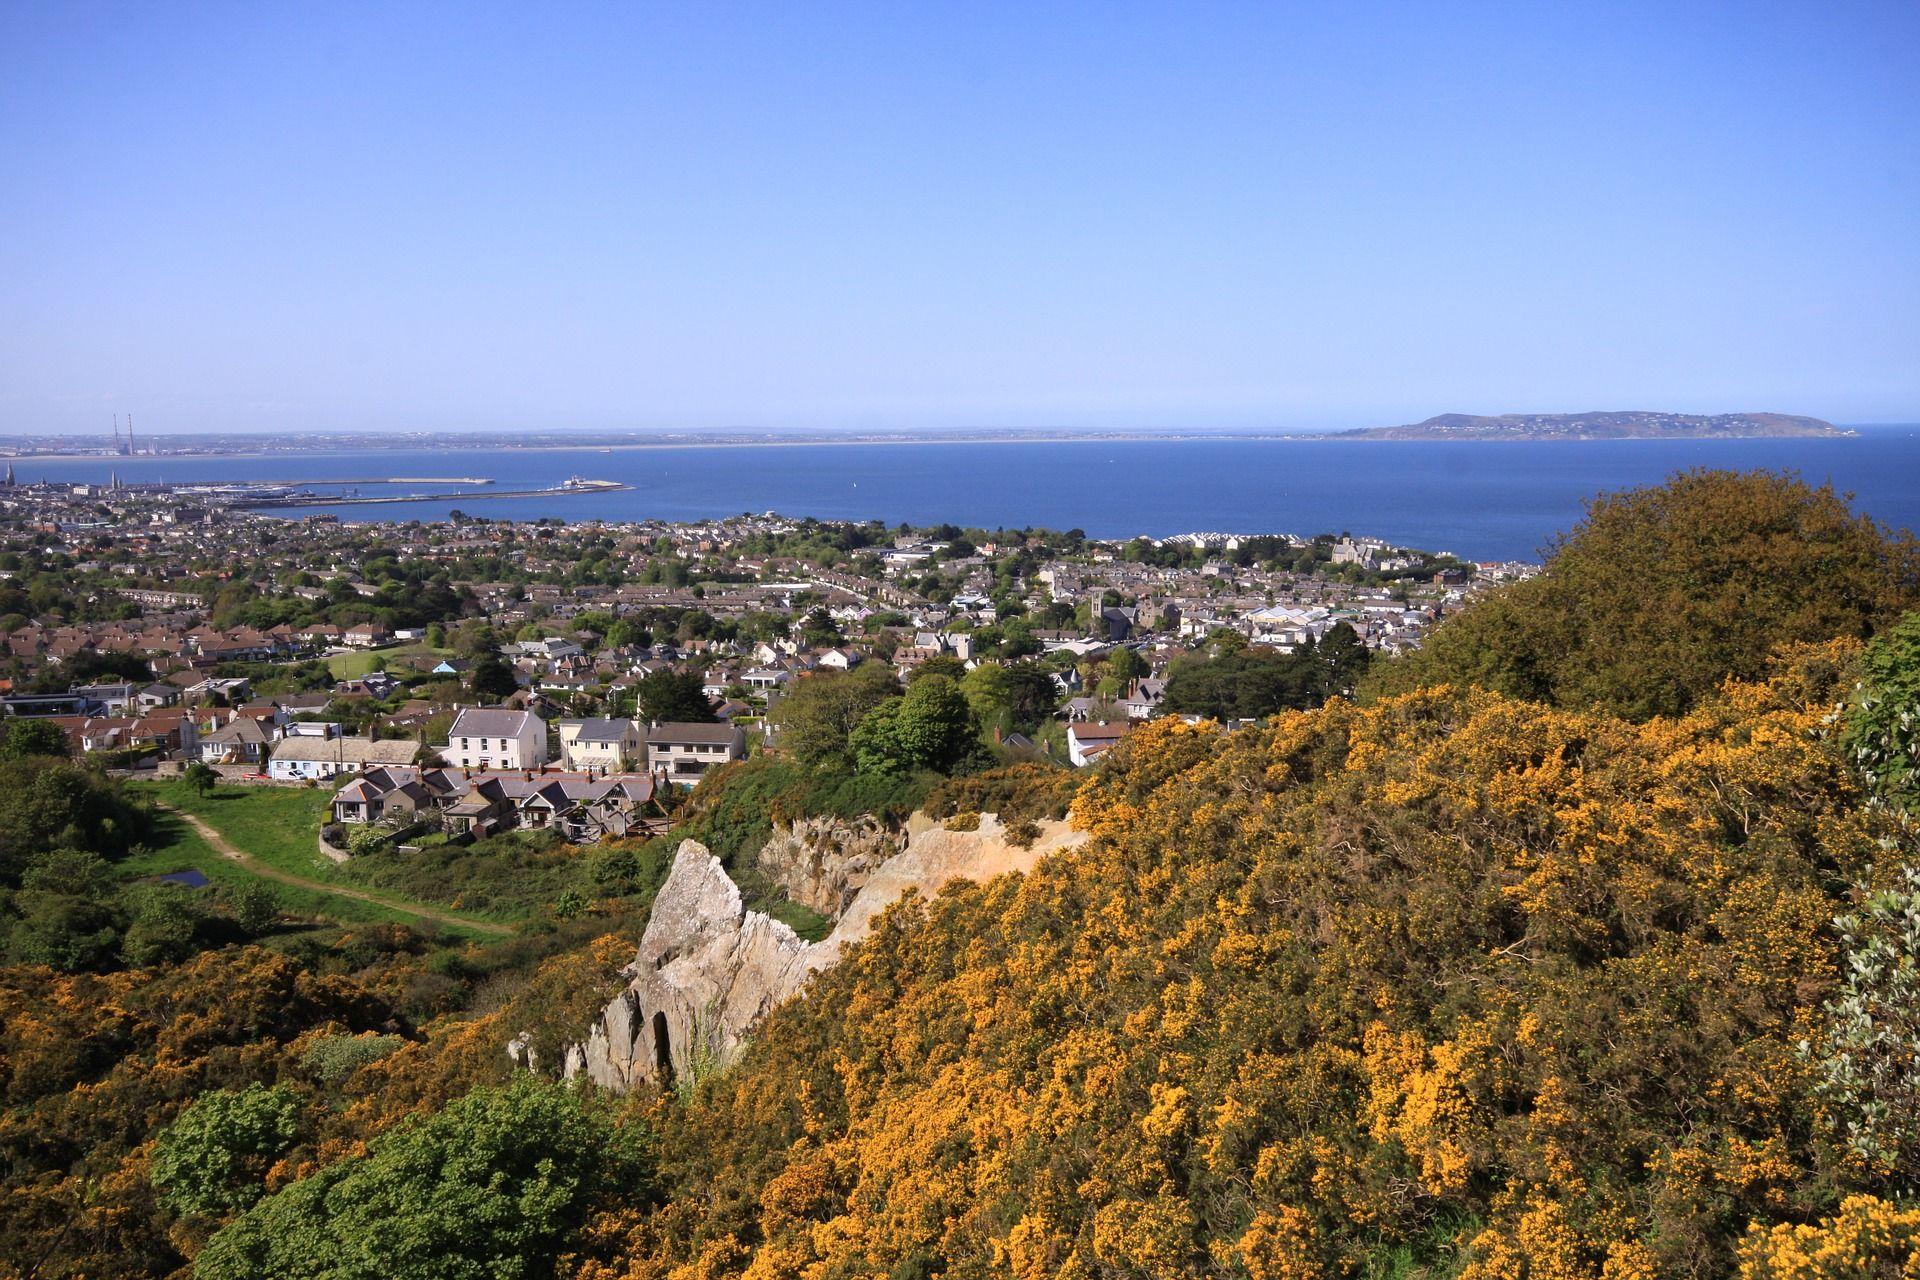 Sprachreisen nach Irland, Sprachkurse in Irland, Sprachschule Kaplan